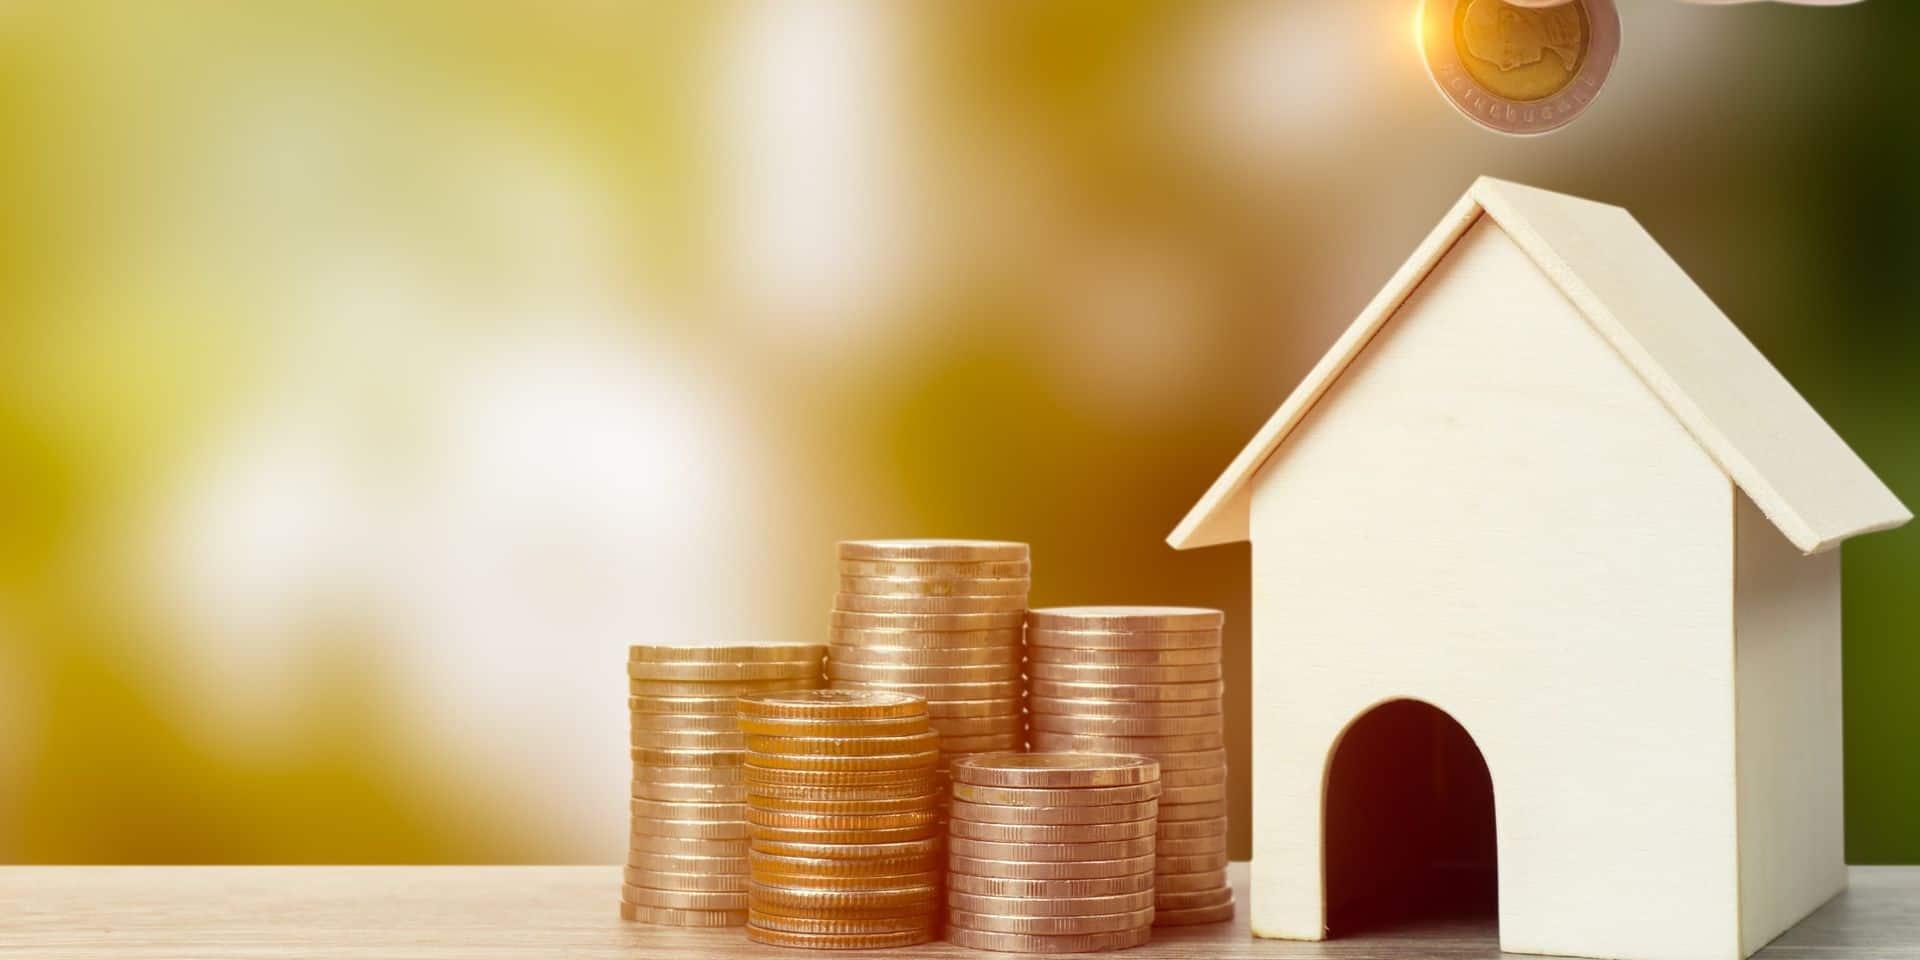 L'emprunt hypothécaire ? Impossible pour 10 à 15% des jeunes familles